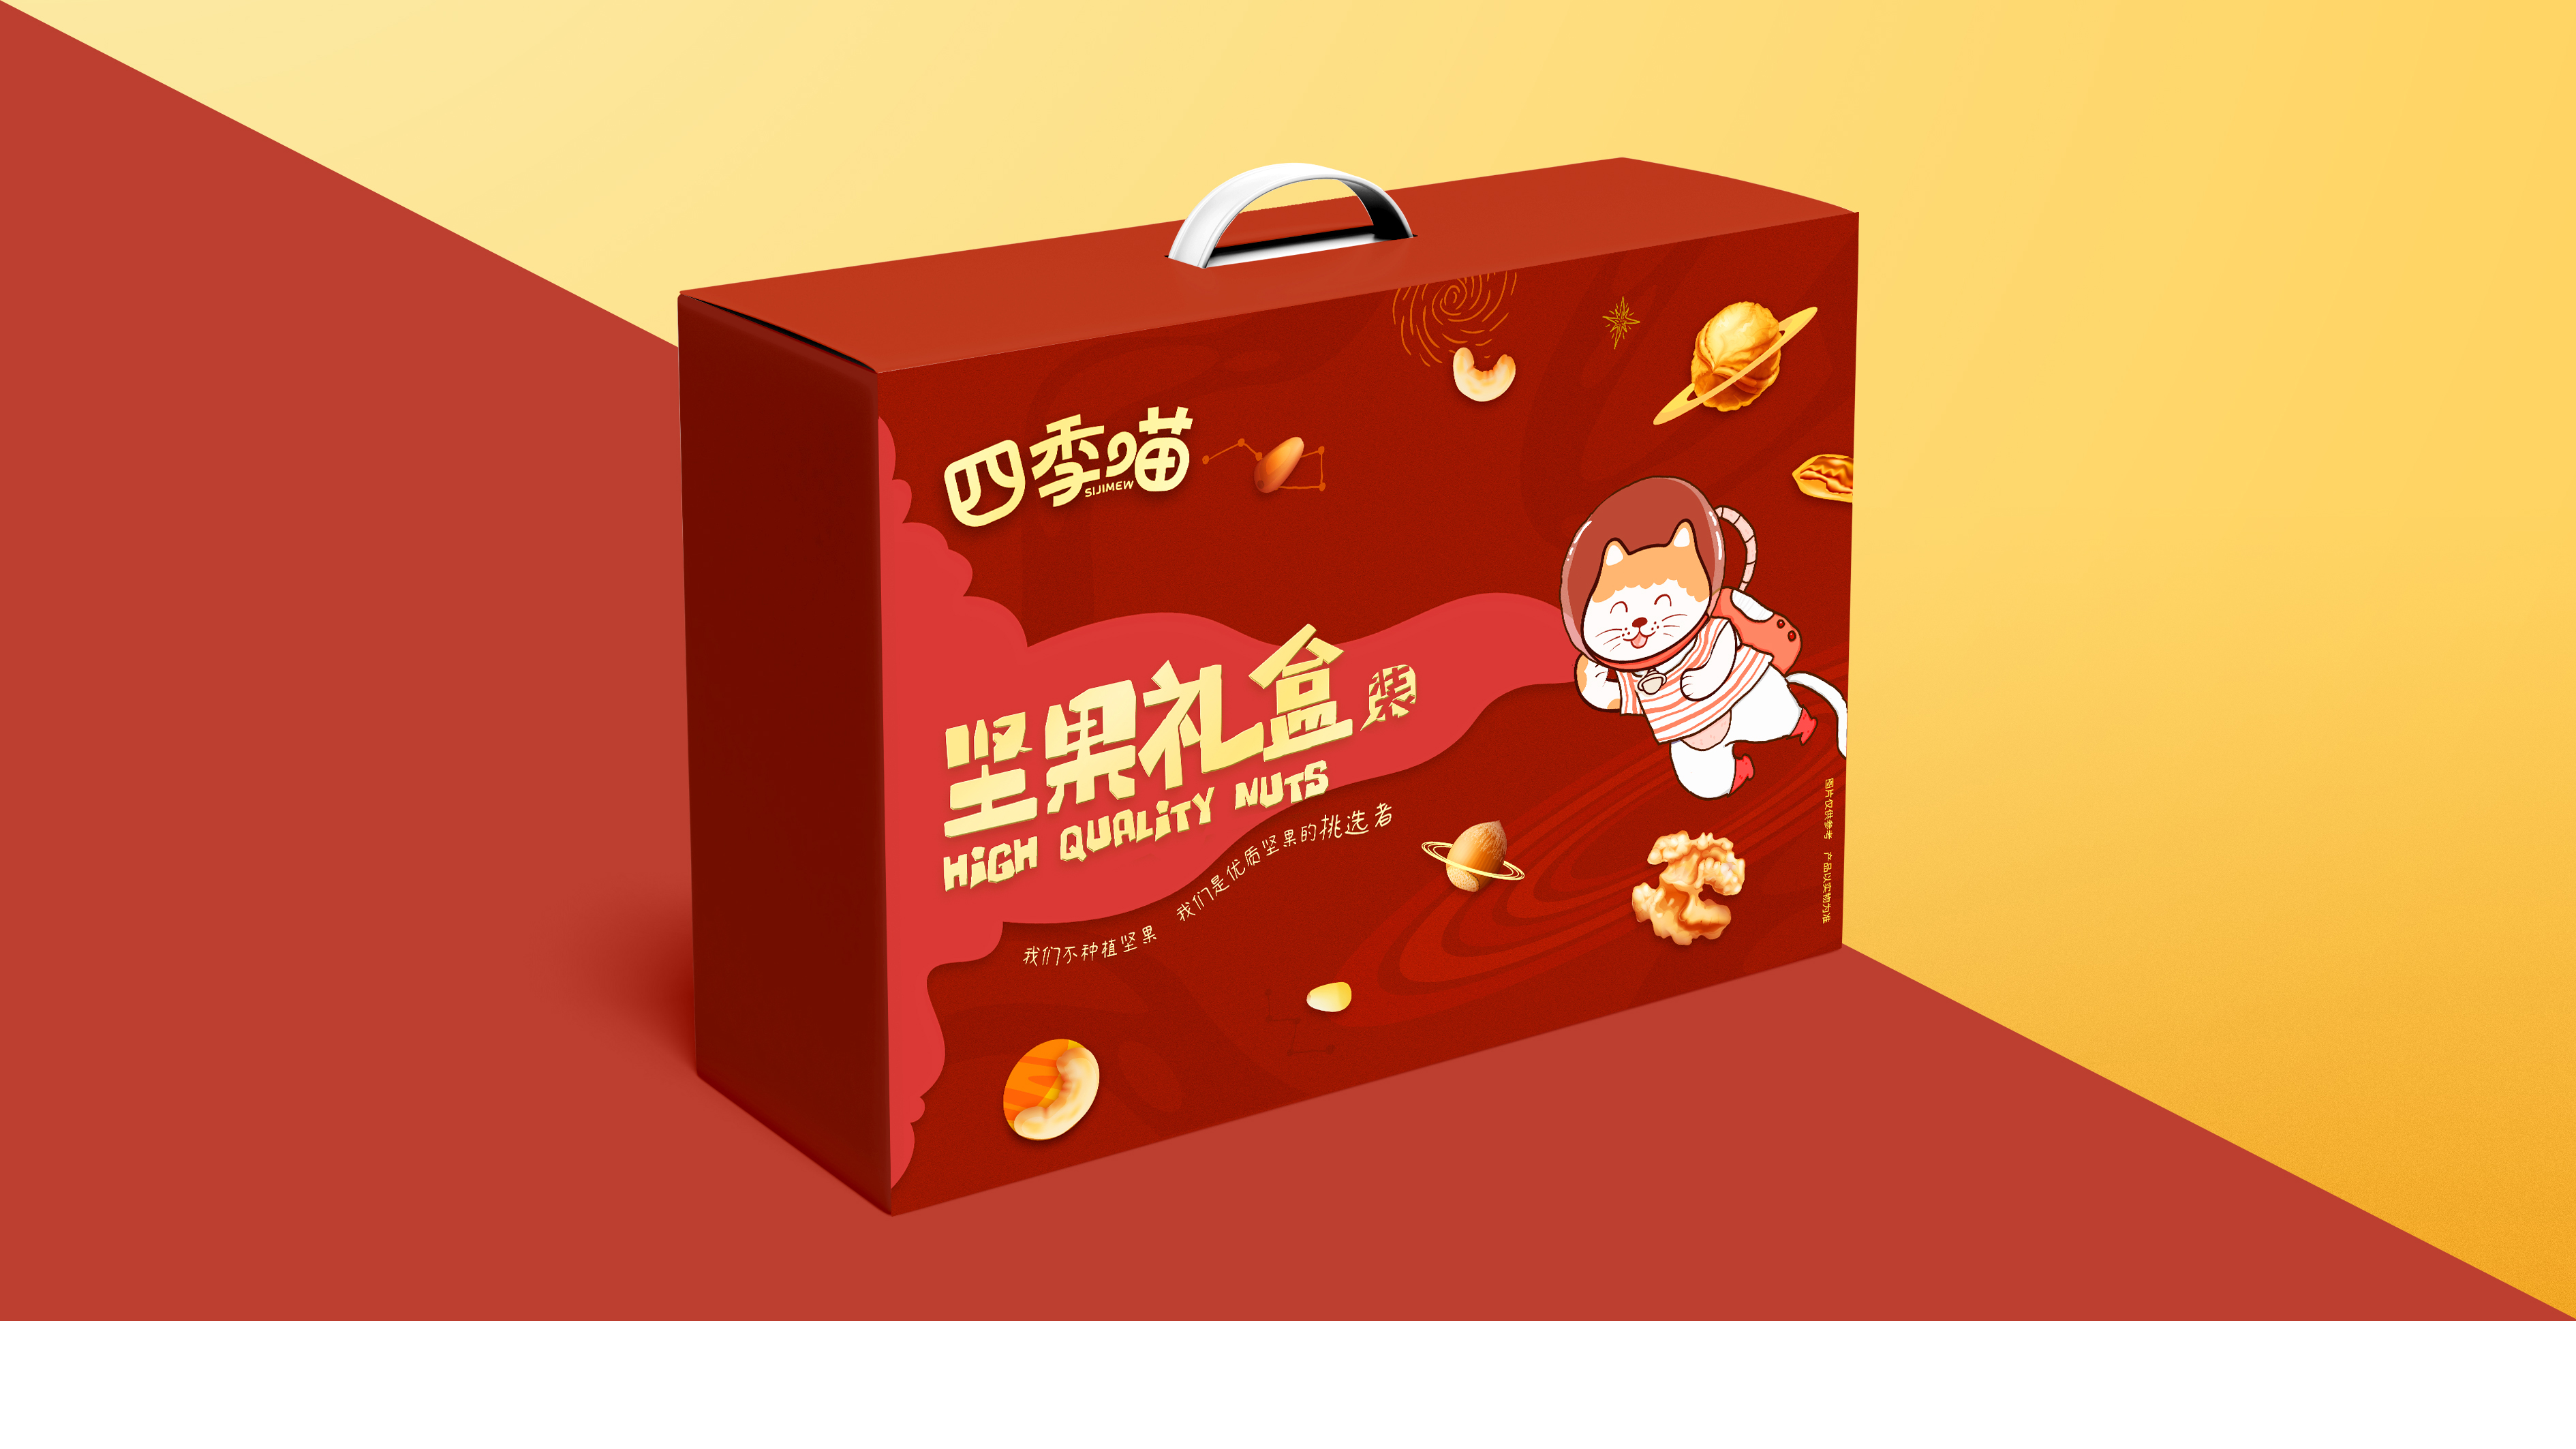 四季喵坚果礼盒品牌包装设计